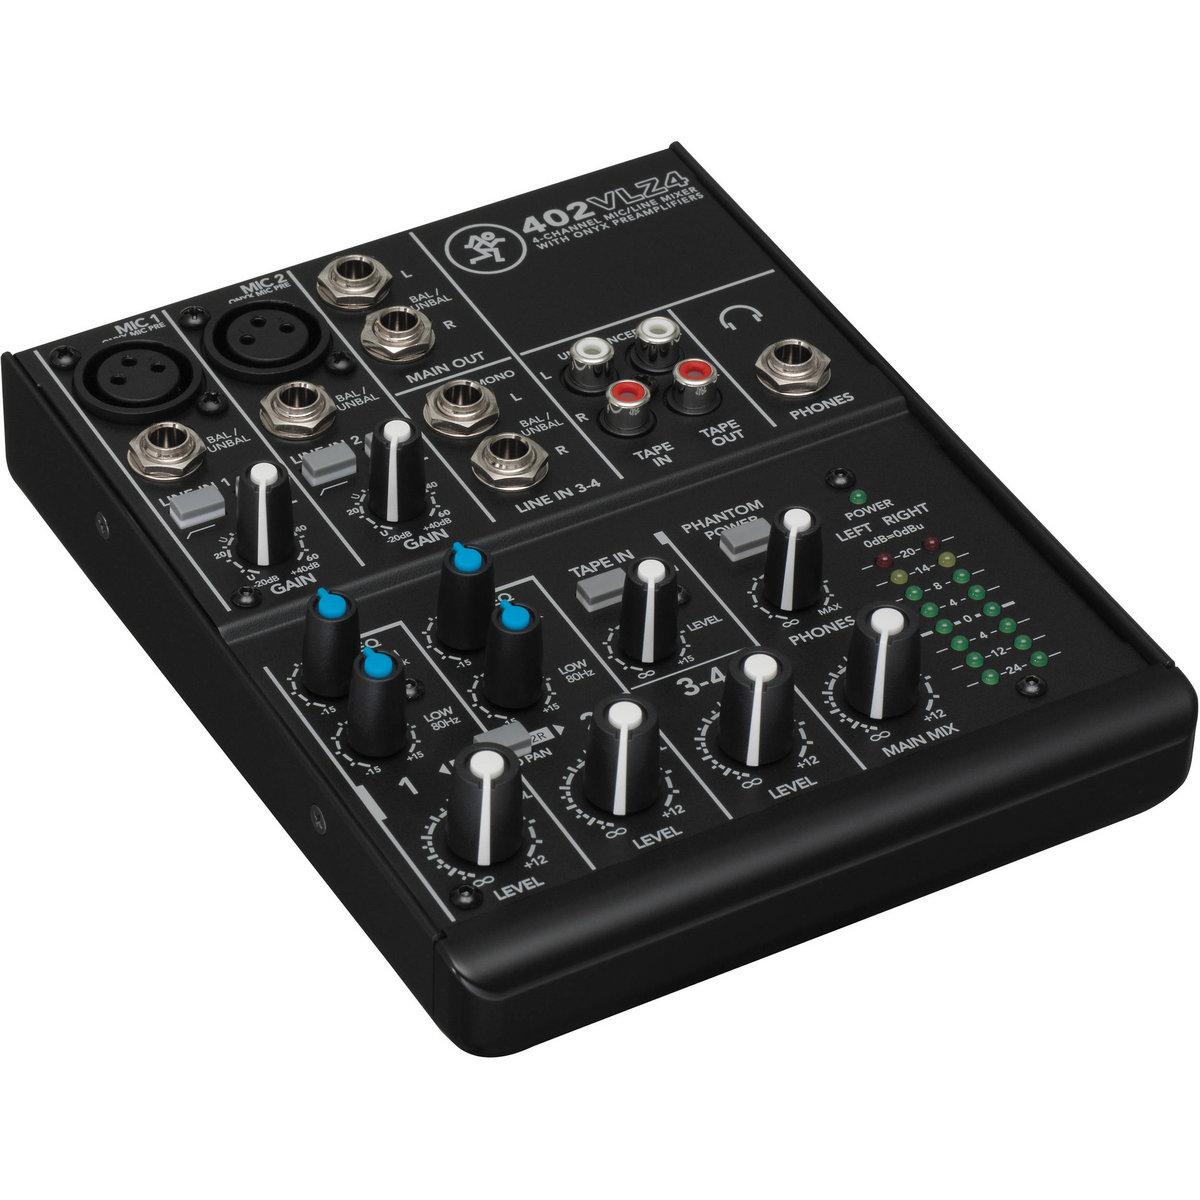 Soundplant 39 Keygen Download For Mac   nemonhipsver